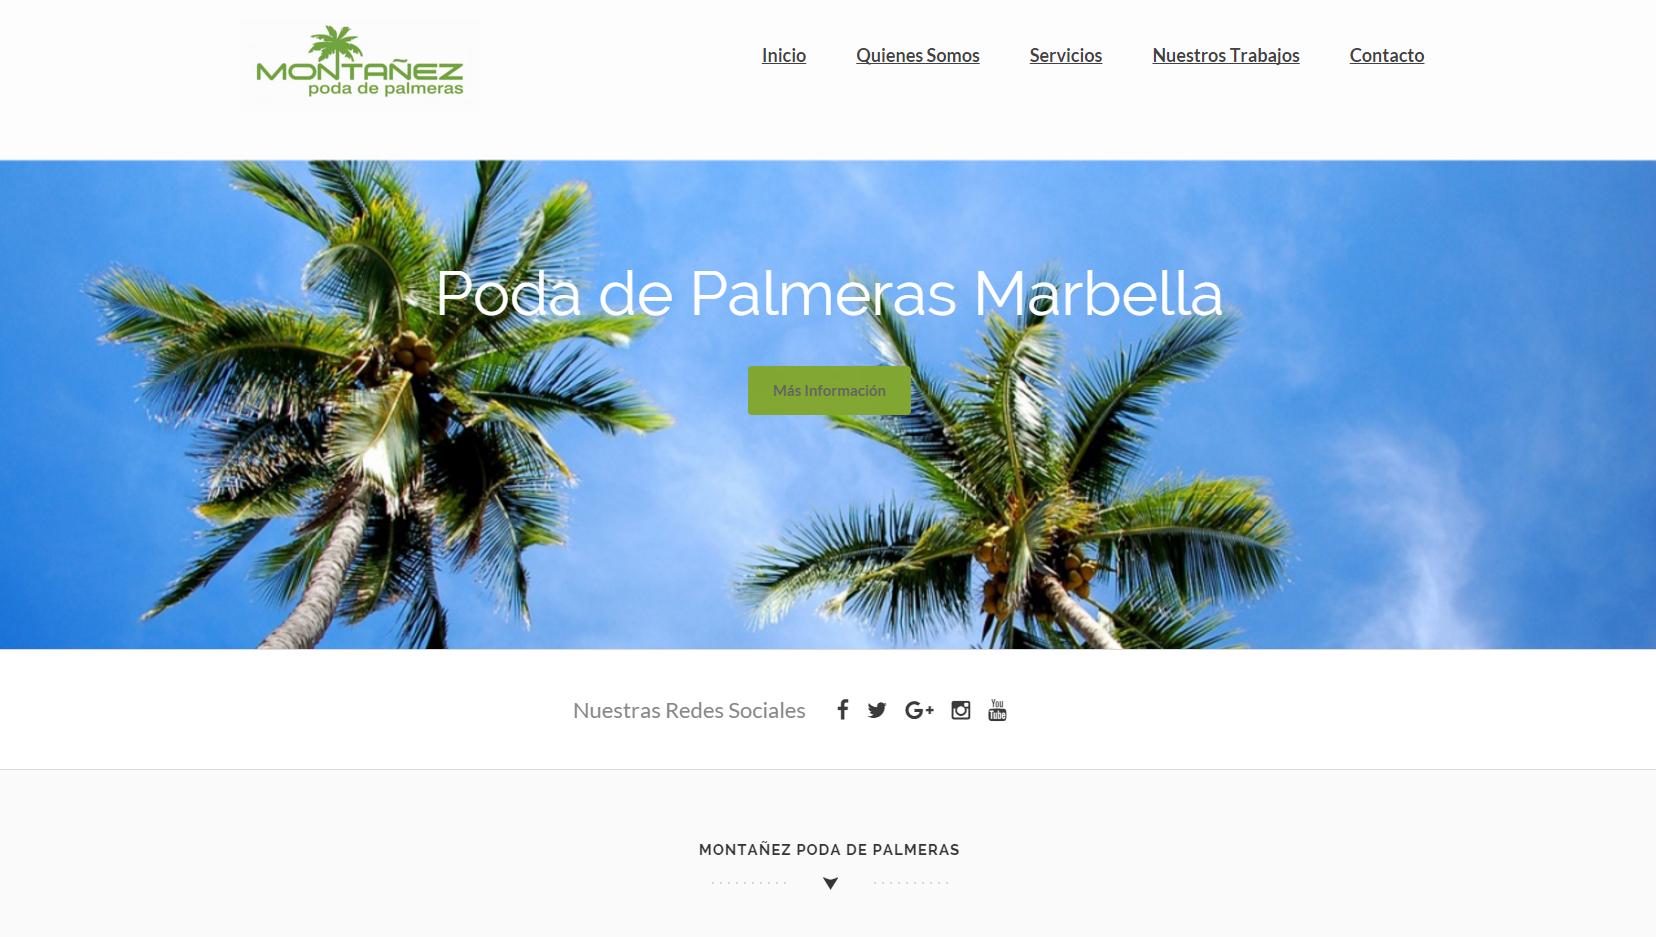 Web_Poda_de_Palmeras_Marbella-1 WEB Desing